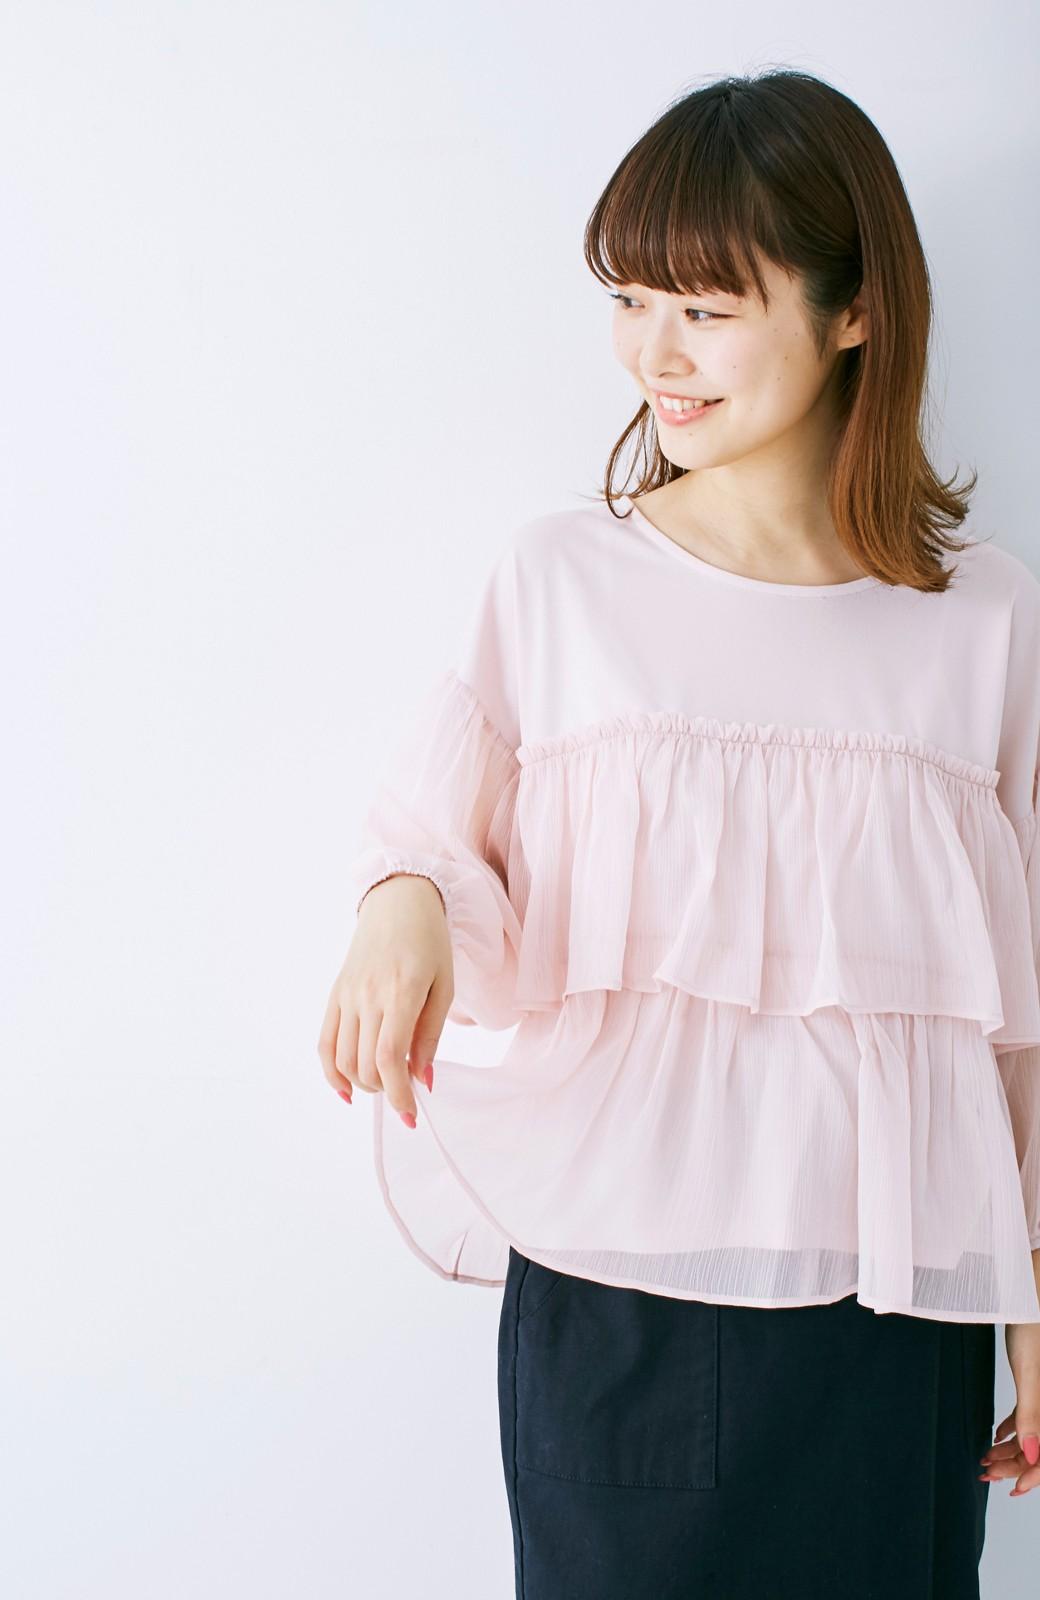 エムトロワ さらっと着られて女子気分があがる 異素材づかいのフリルトップス <ライトピンク>の商品写真10